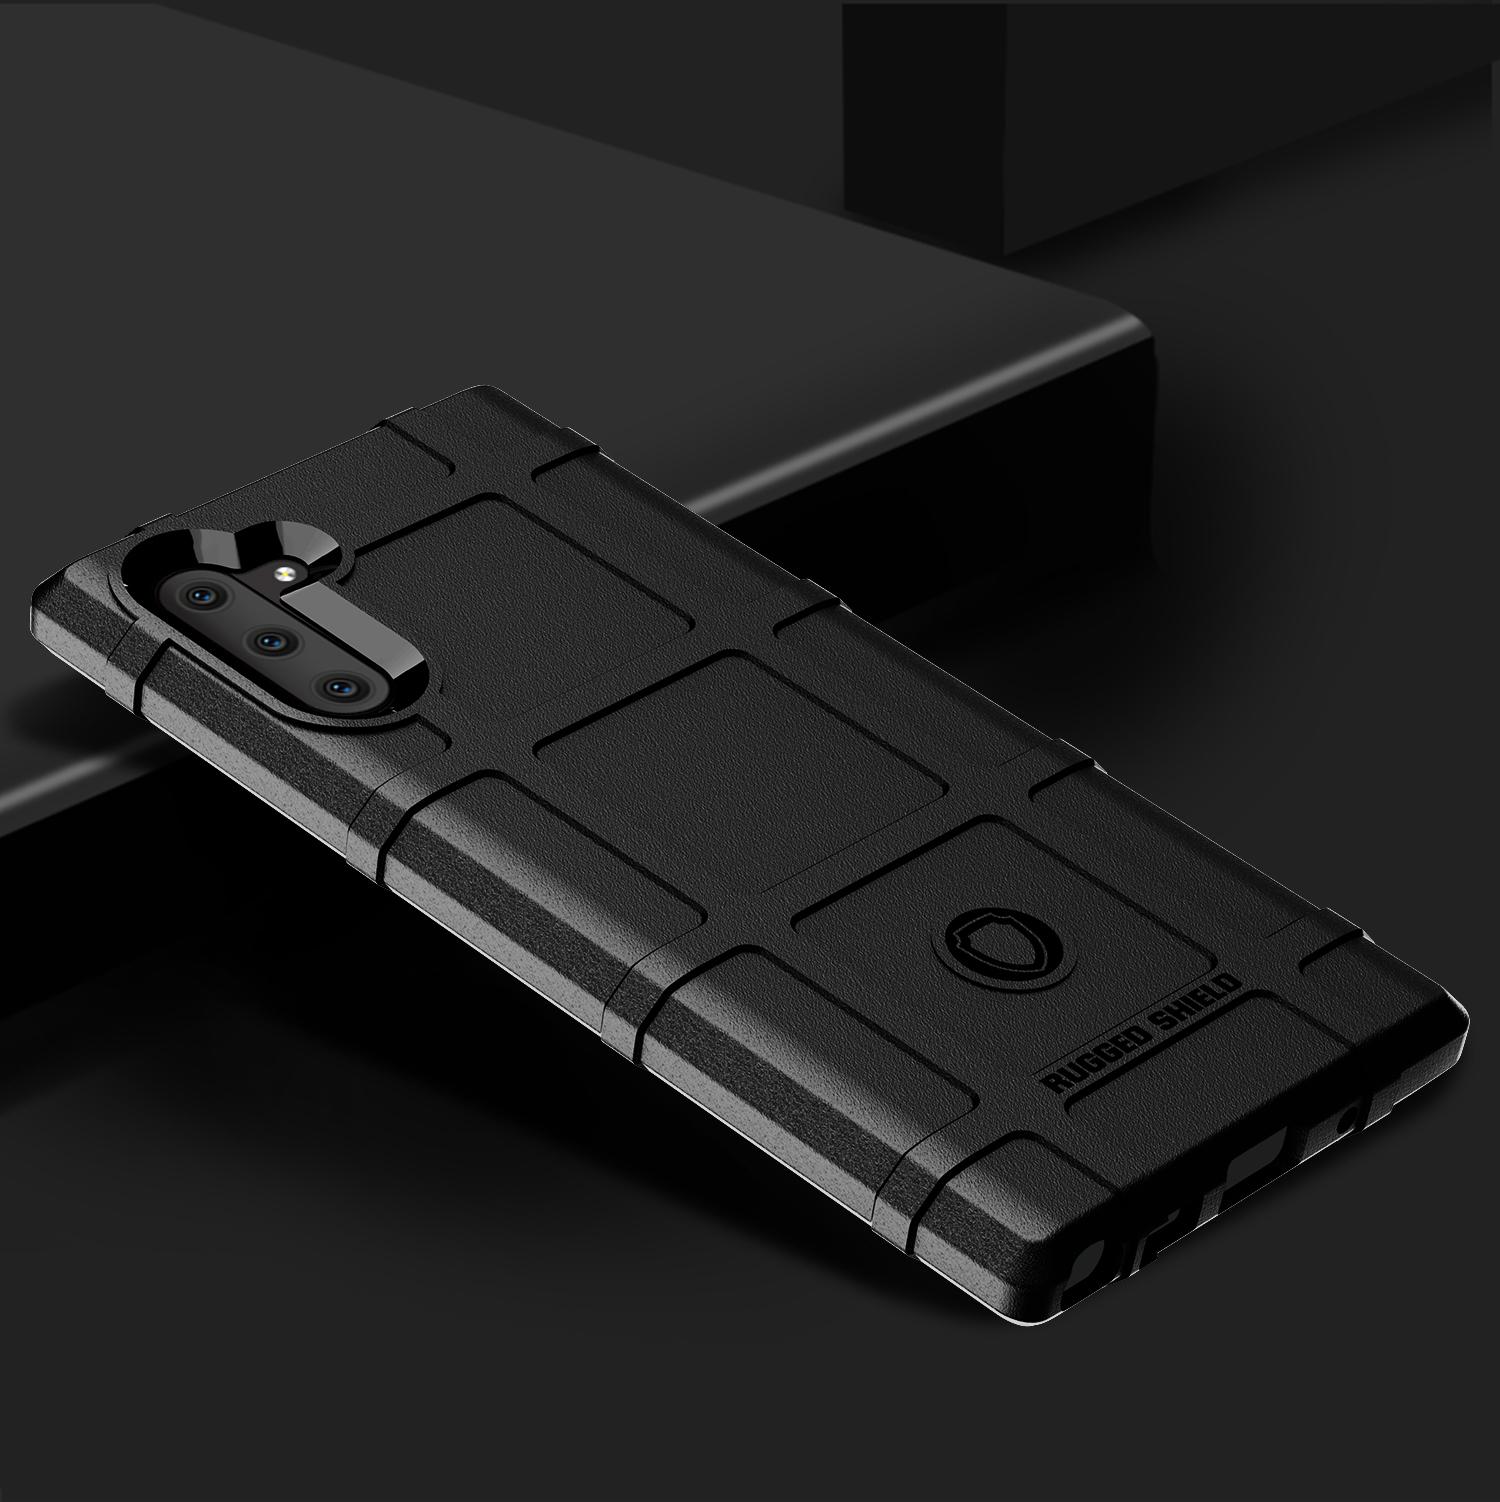 Чехол Samsung Galaxy Note 10 цвет Black (черный), серия Armor, Caseport